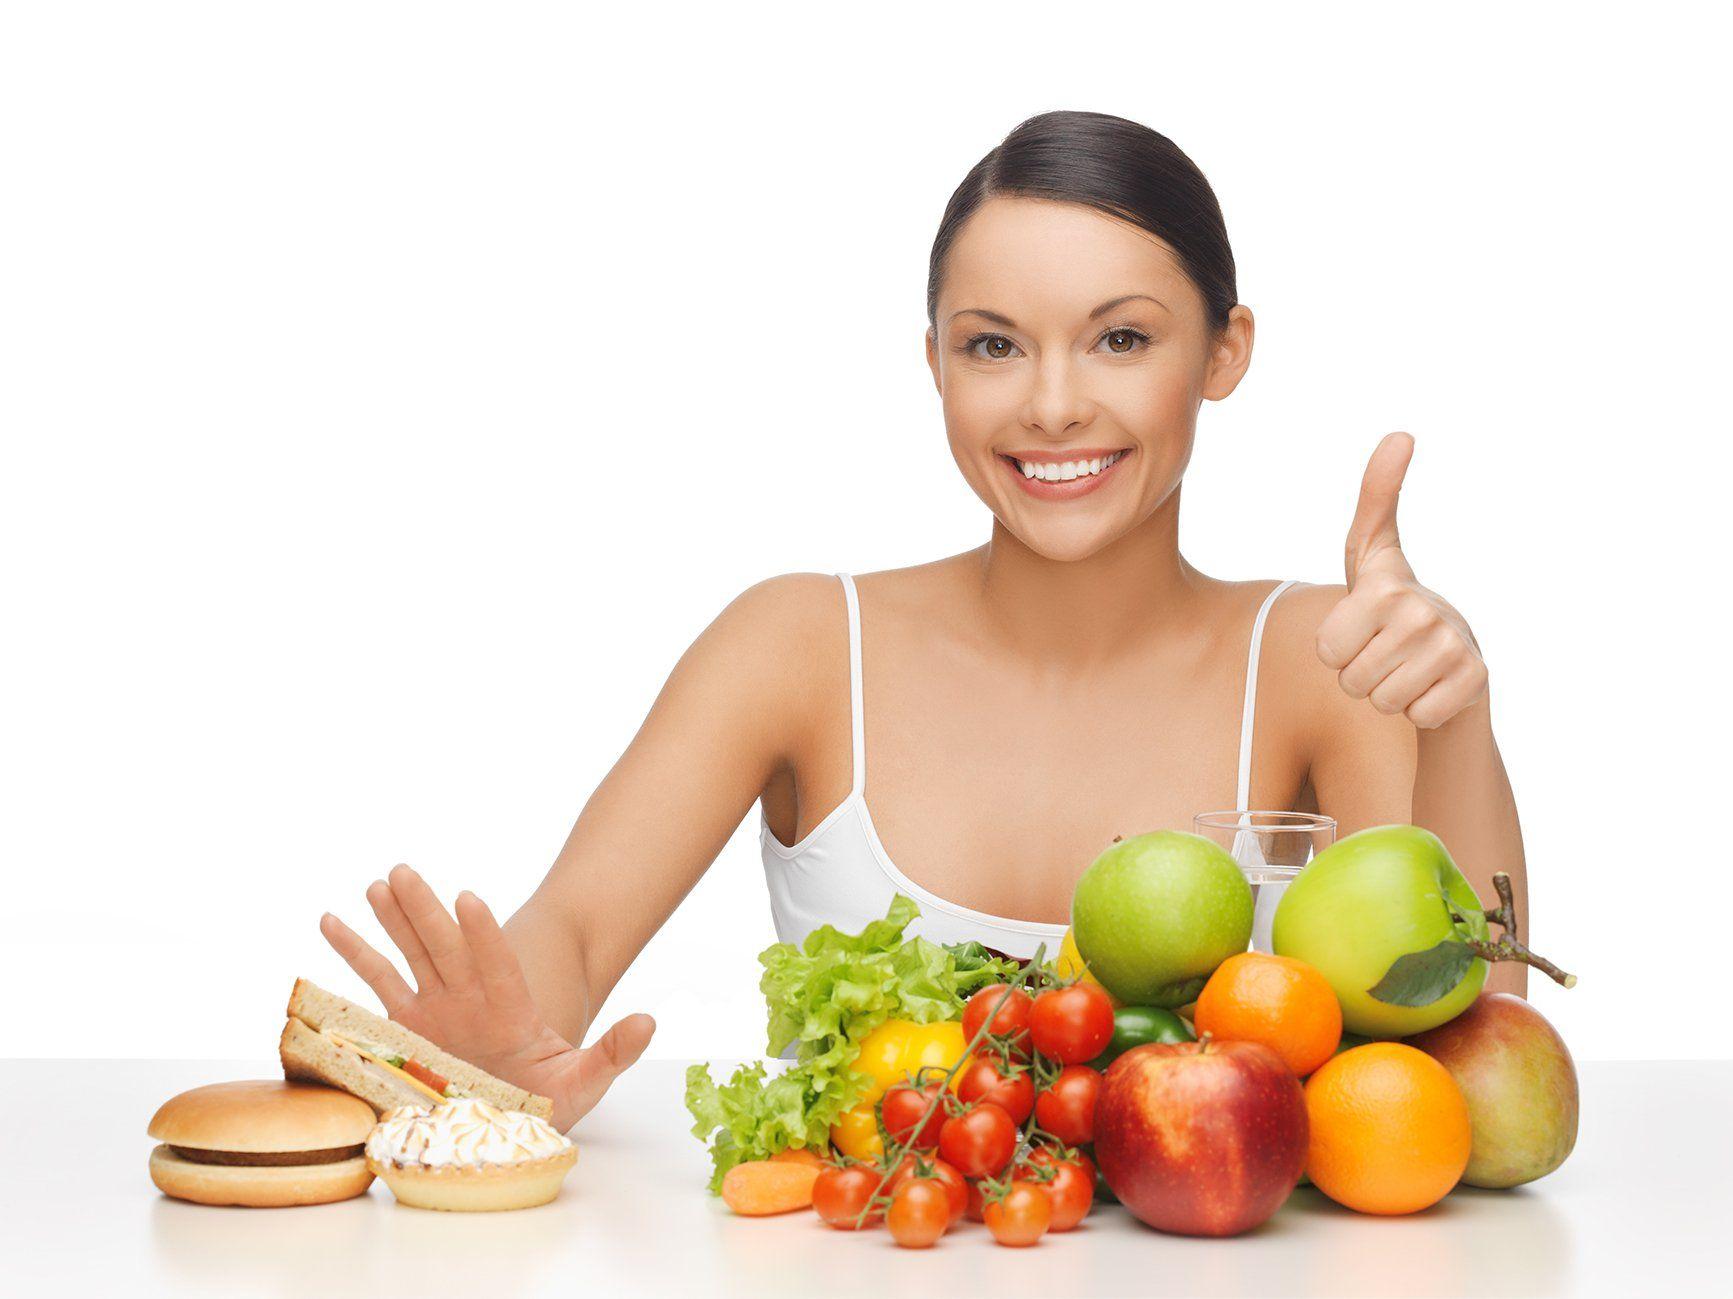 Dieta para bajar de peso sin morirse de hambre